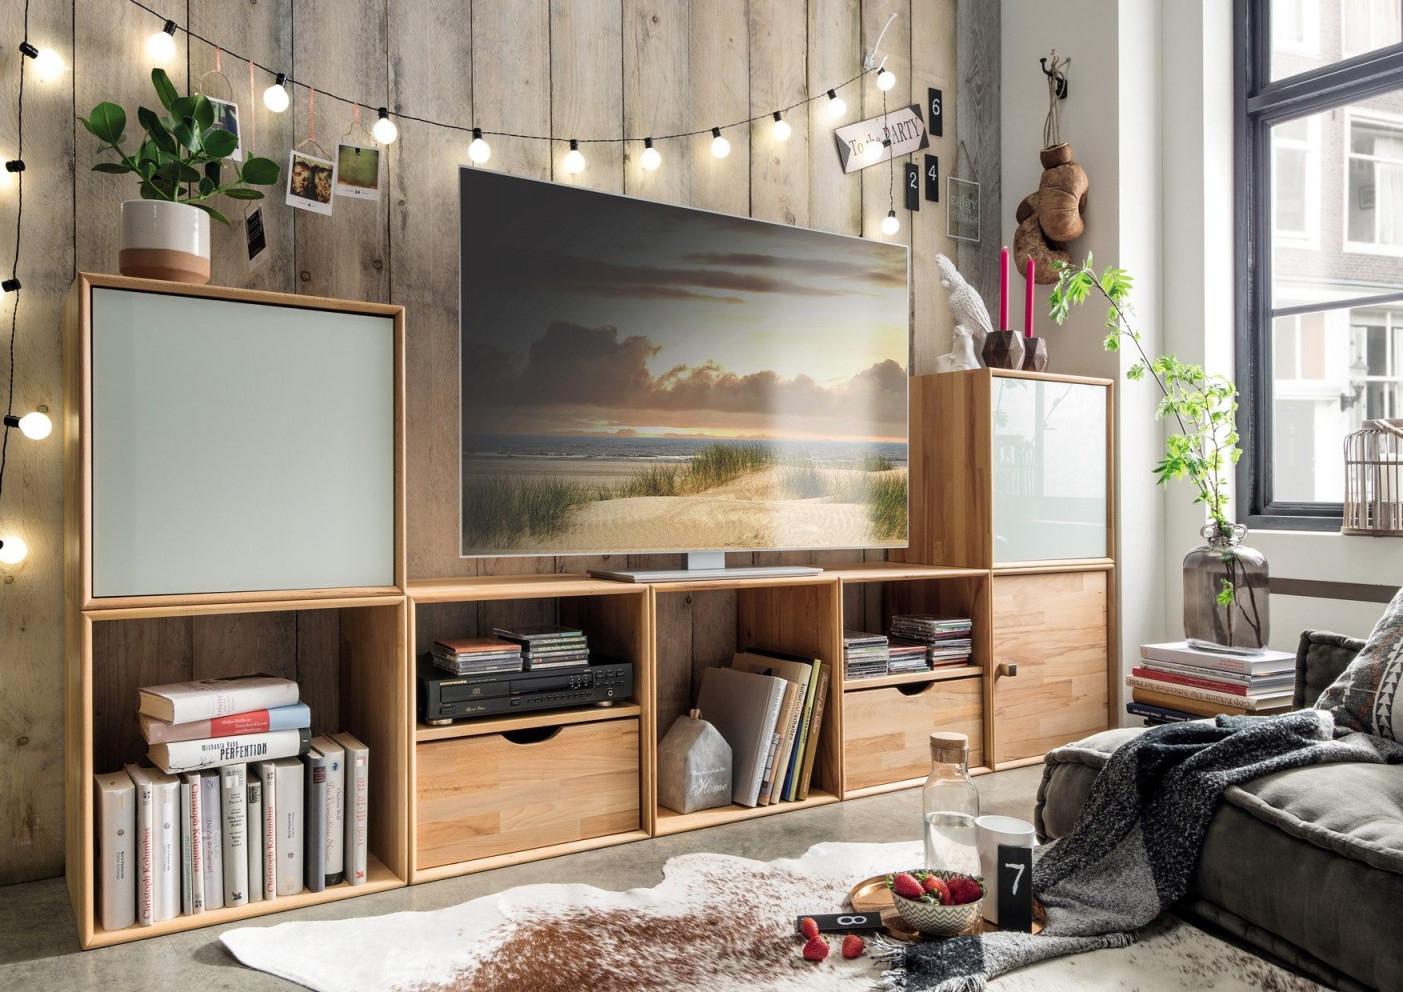 Coole Ideen Für Die Wohneinrichtung Wohnen von Coole Wohnzimmer Ideen Photo  Haus Bauen